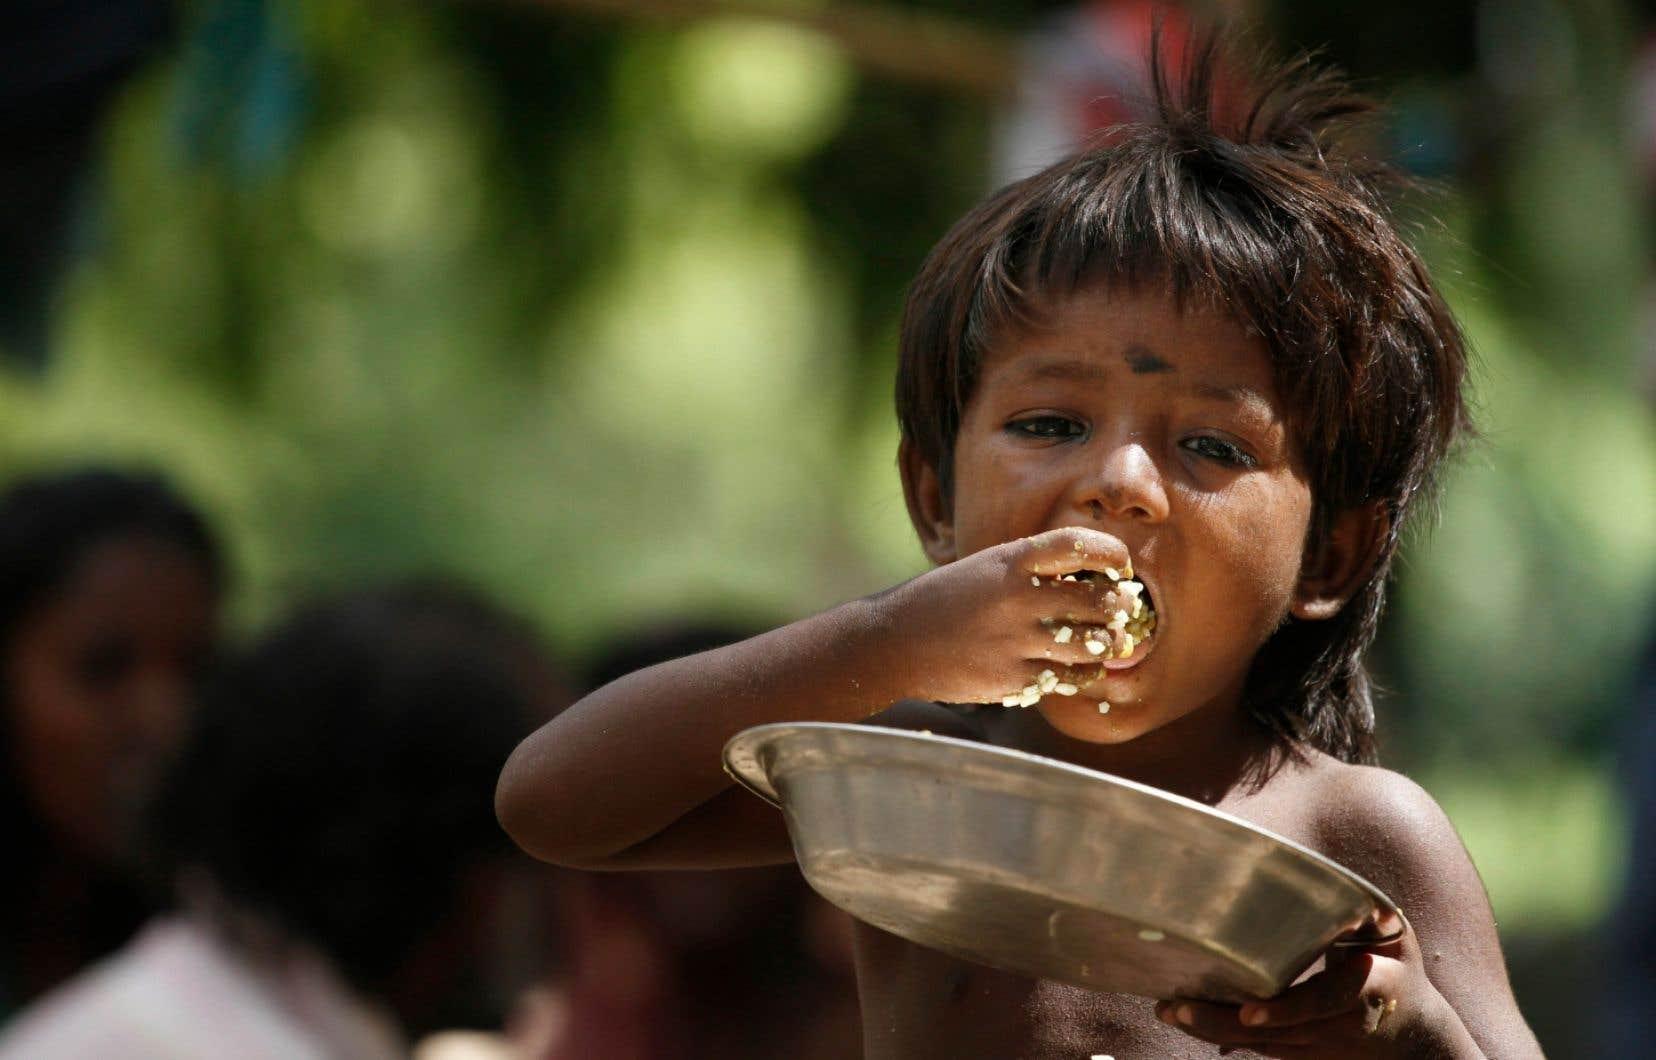 Un enfant sans-abri ayant recours à l'aide alimentaire à Allahabad, en Inde.